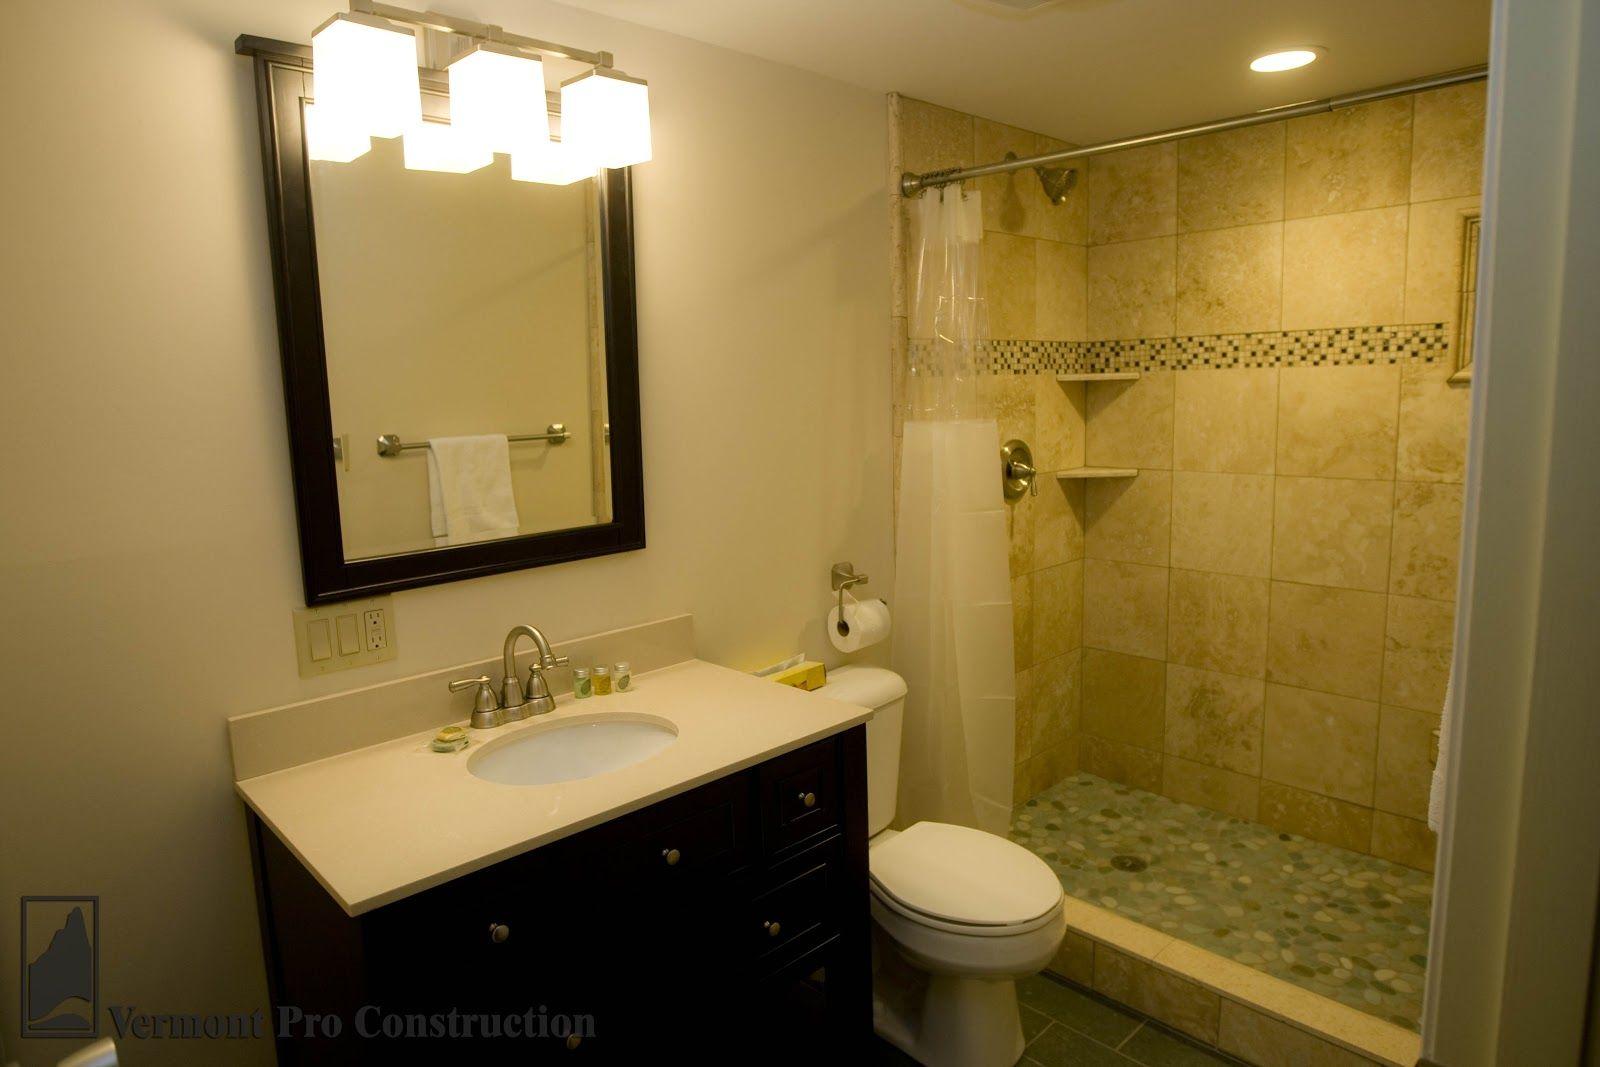 best of cheap bathroom floor tiles construction-Fascinating Cheap Bathroom Floor Tiles Photo